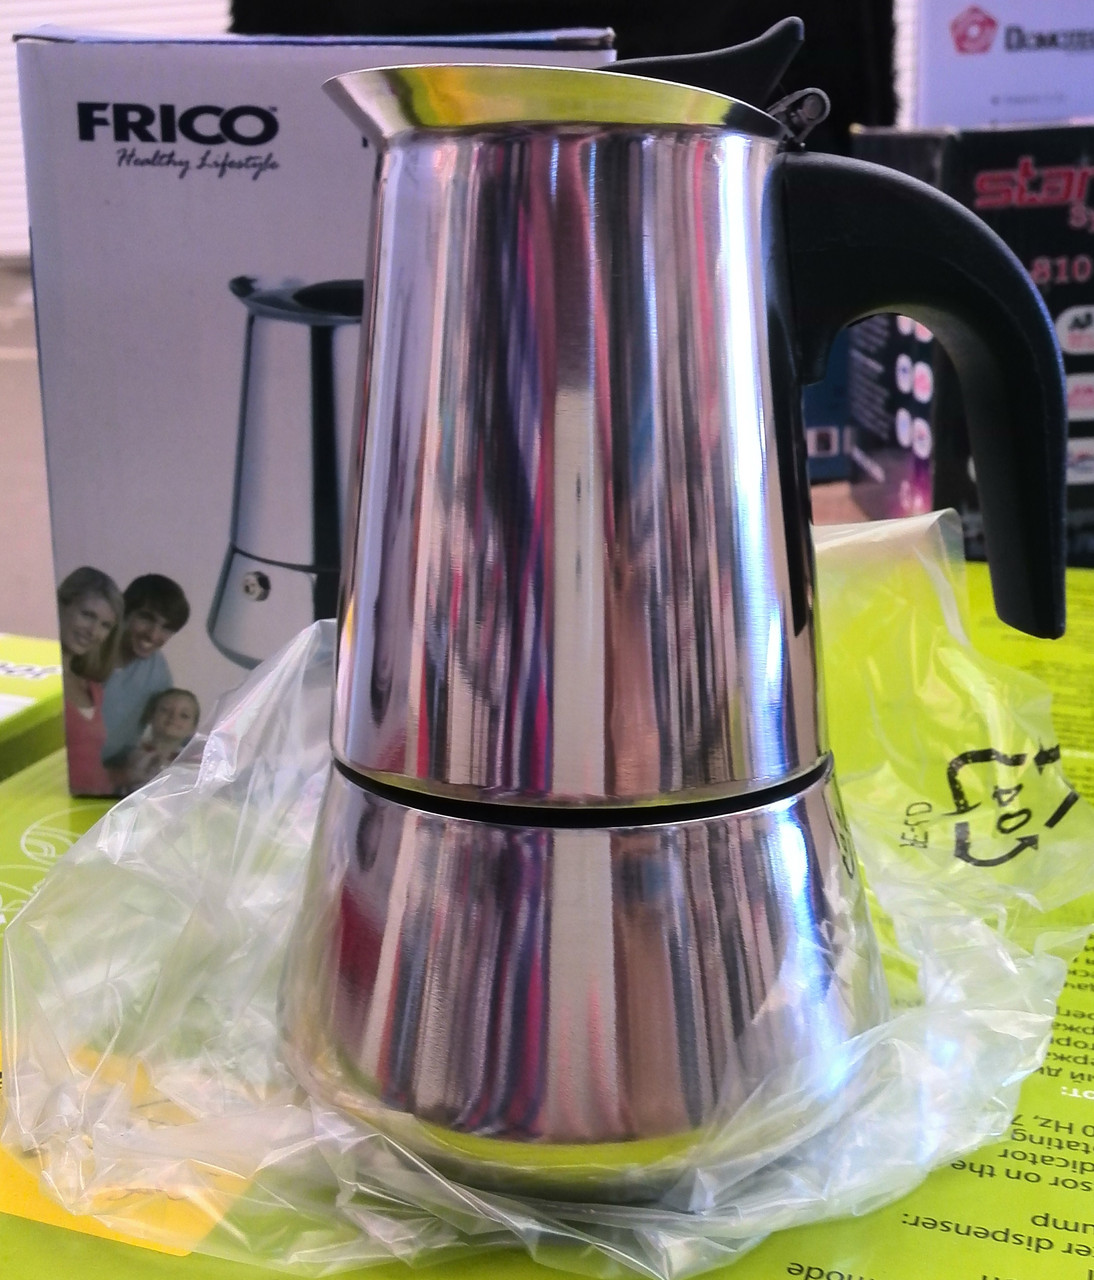 Гейзерная кофеварка FRICO FRU-176 (на 2 чашки) - Наш Маг - интернет магазин товаров для дома и быта в Харькове